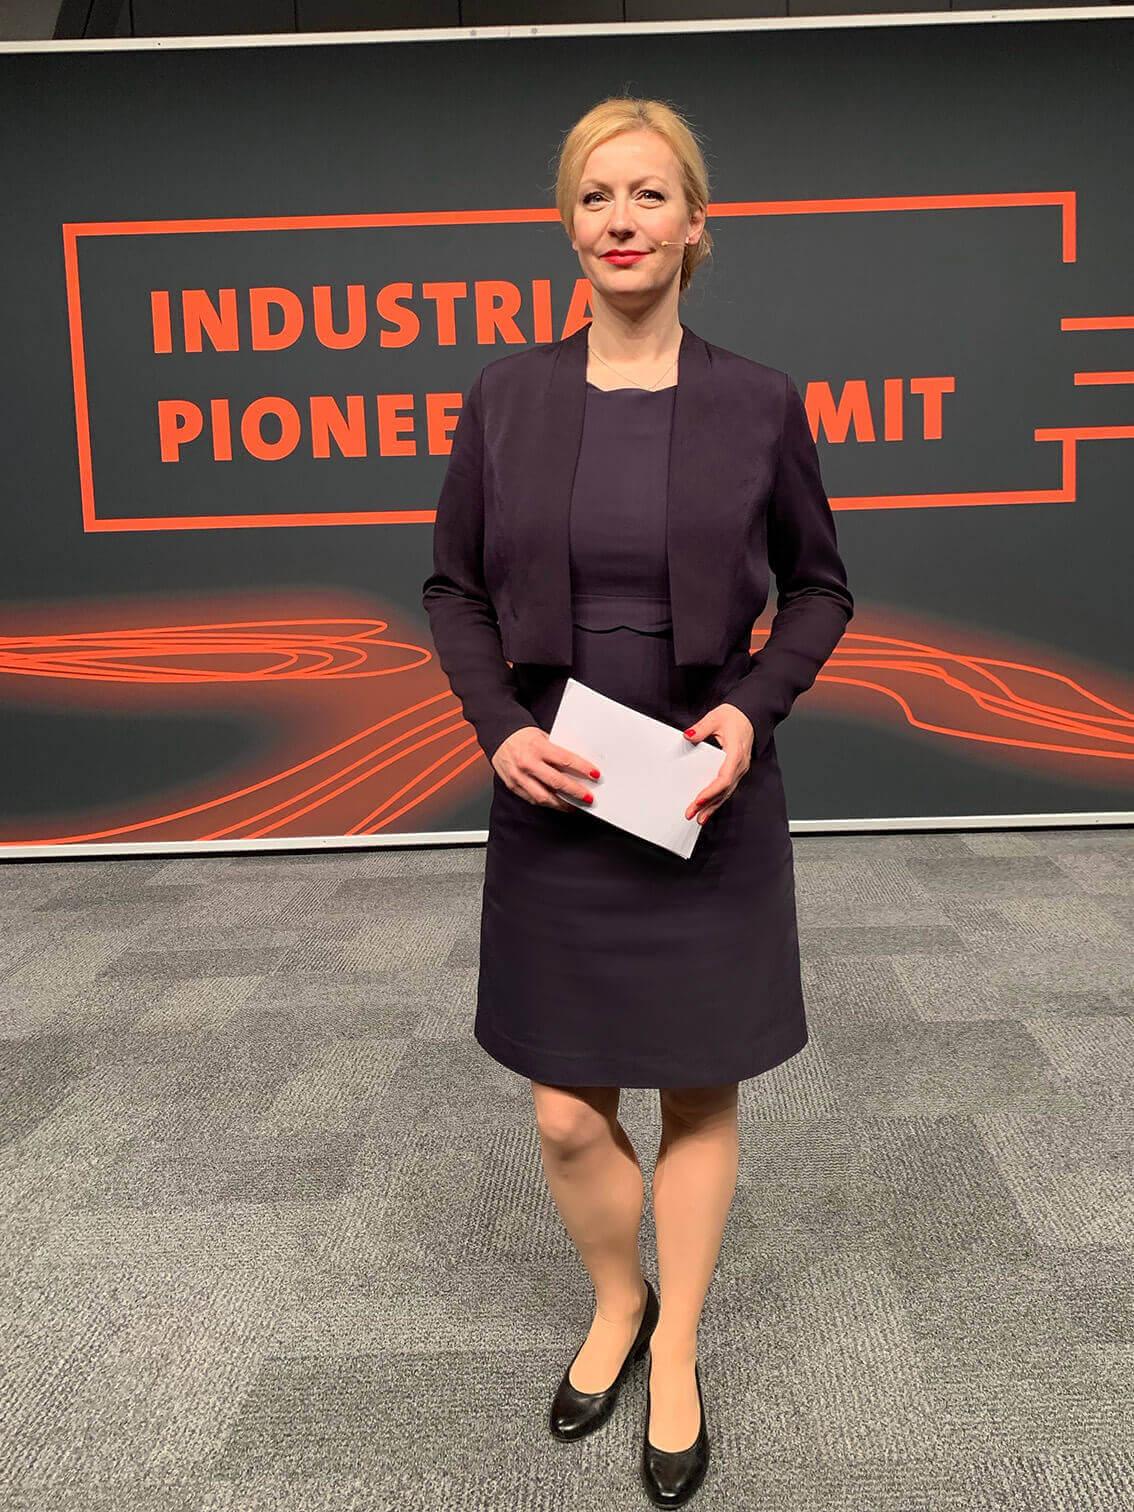 Carmen Hentschel ist die Moderatorin Digitalisierung auf der Hannover Messe